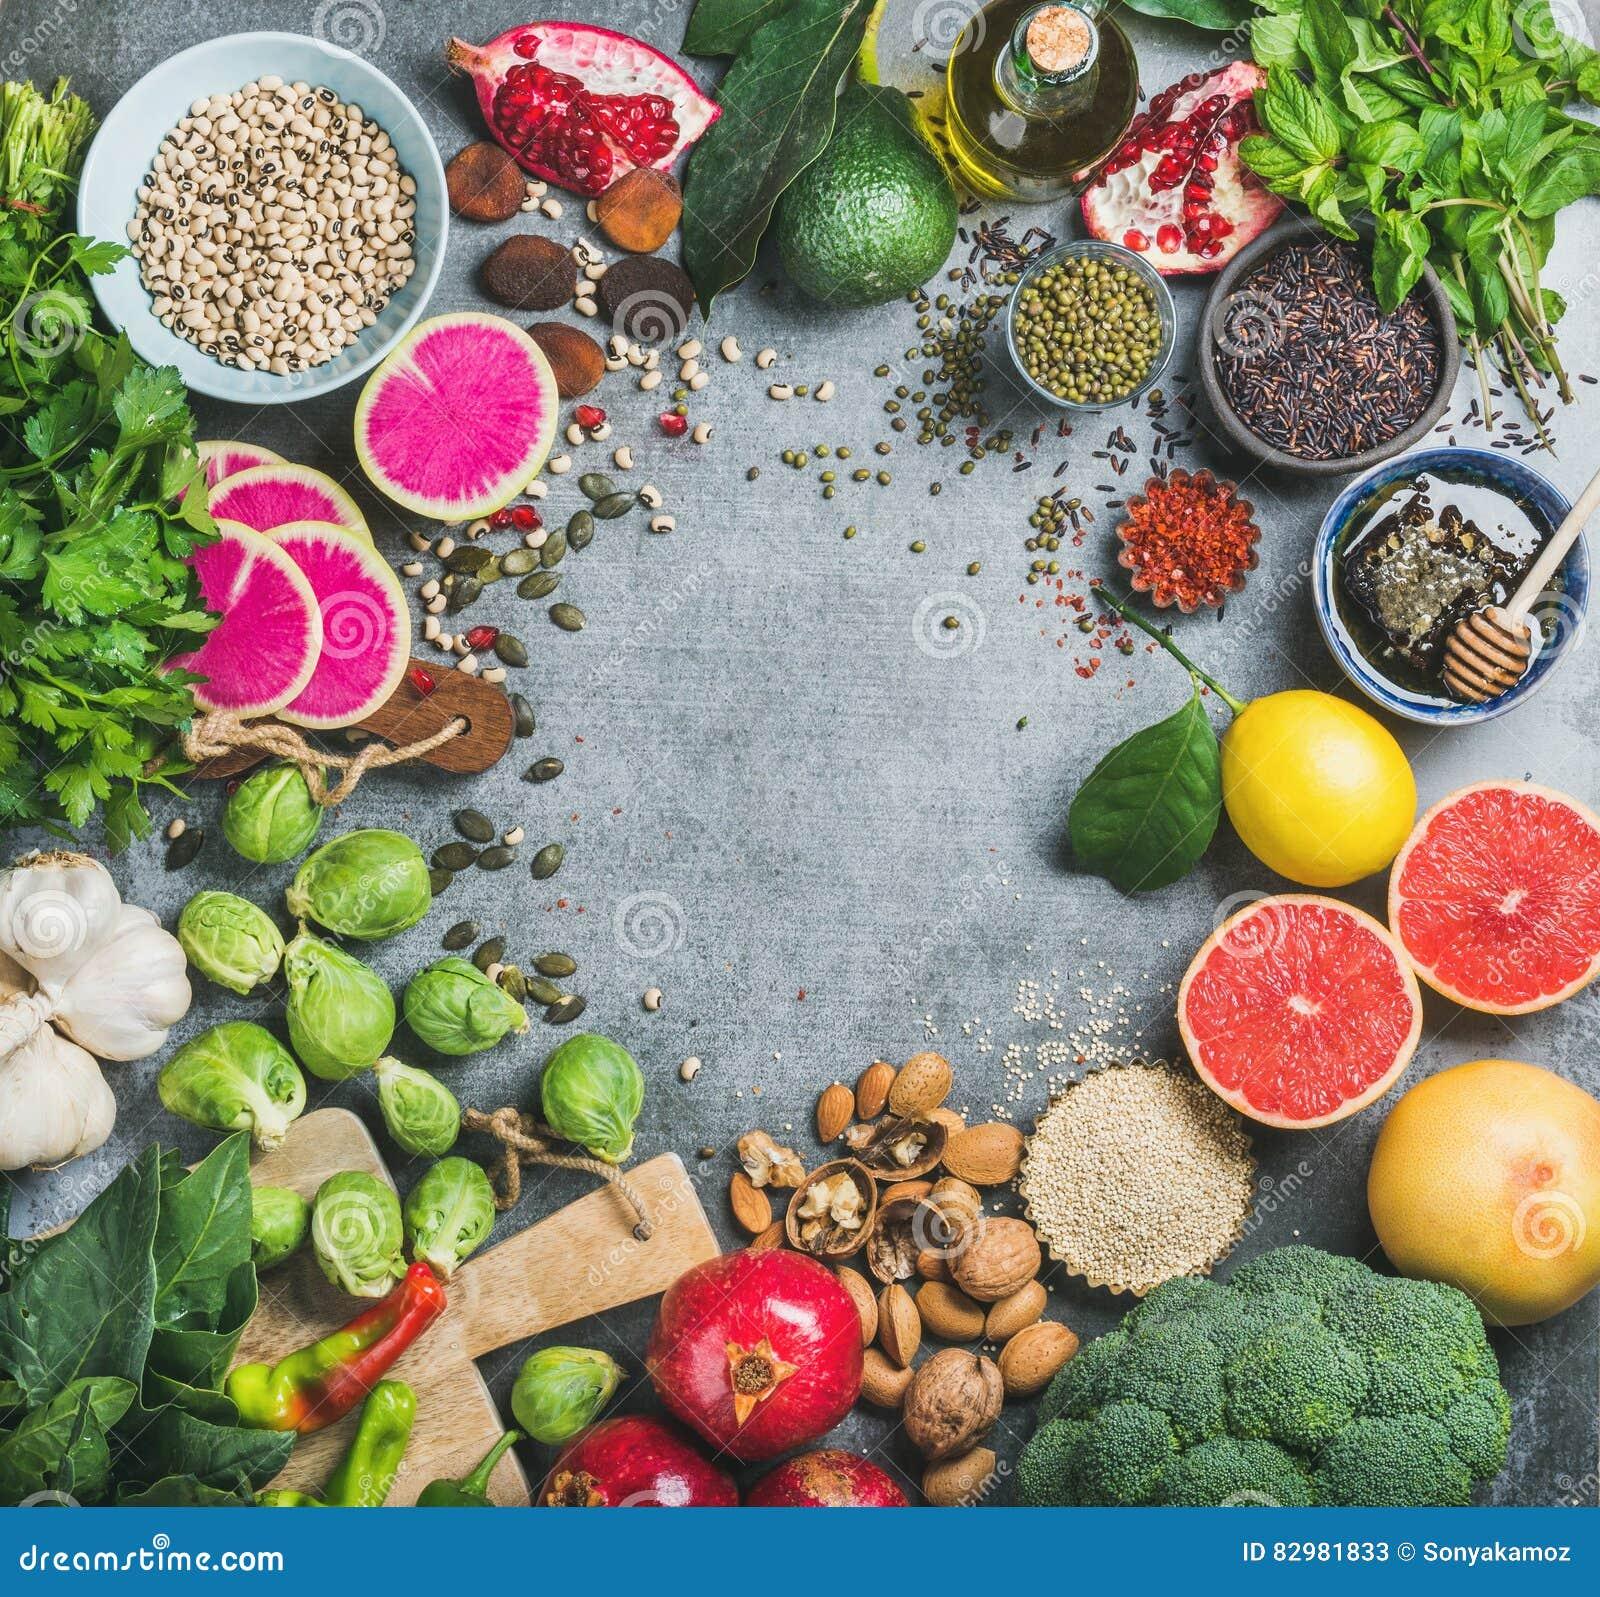 Semillas de frutas y verduras razones por las que for Semillas de frutas y verduras